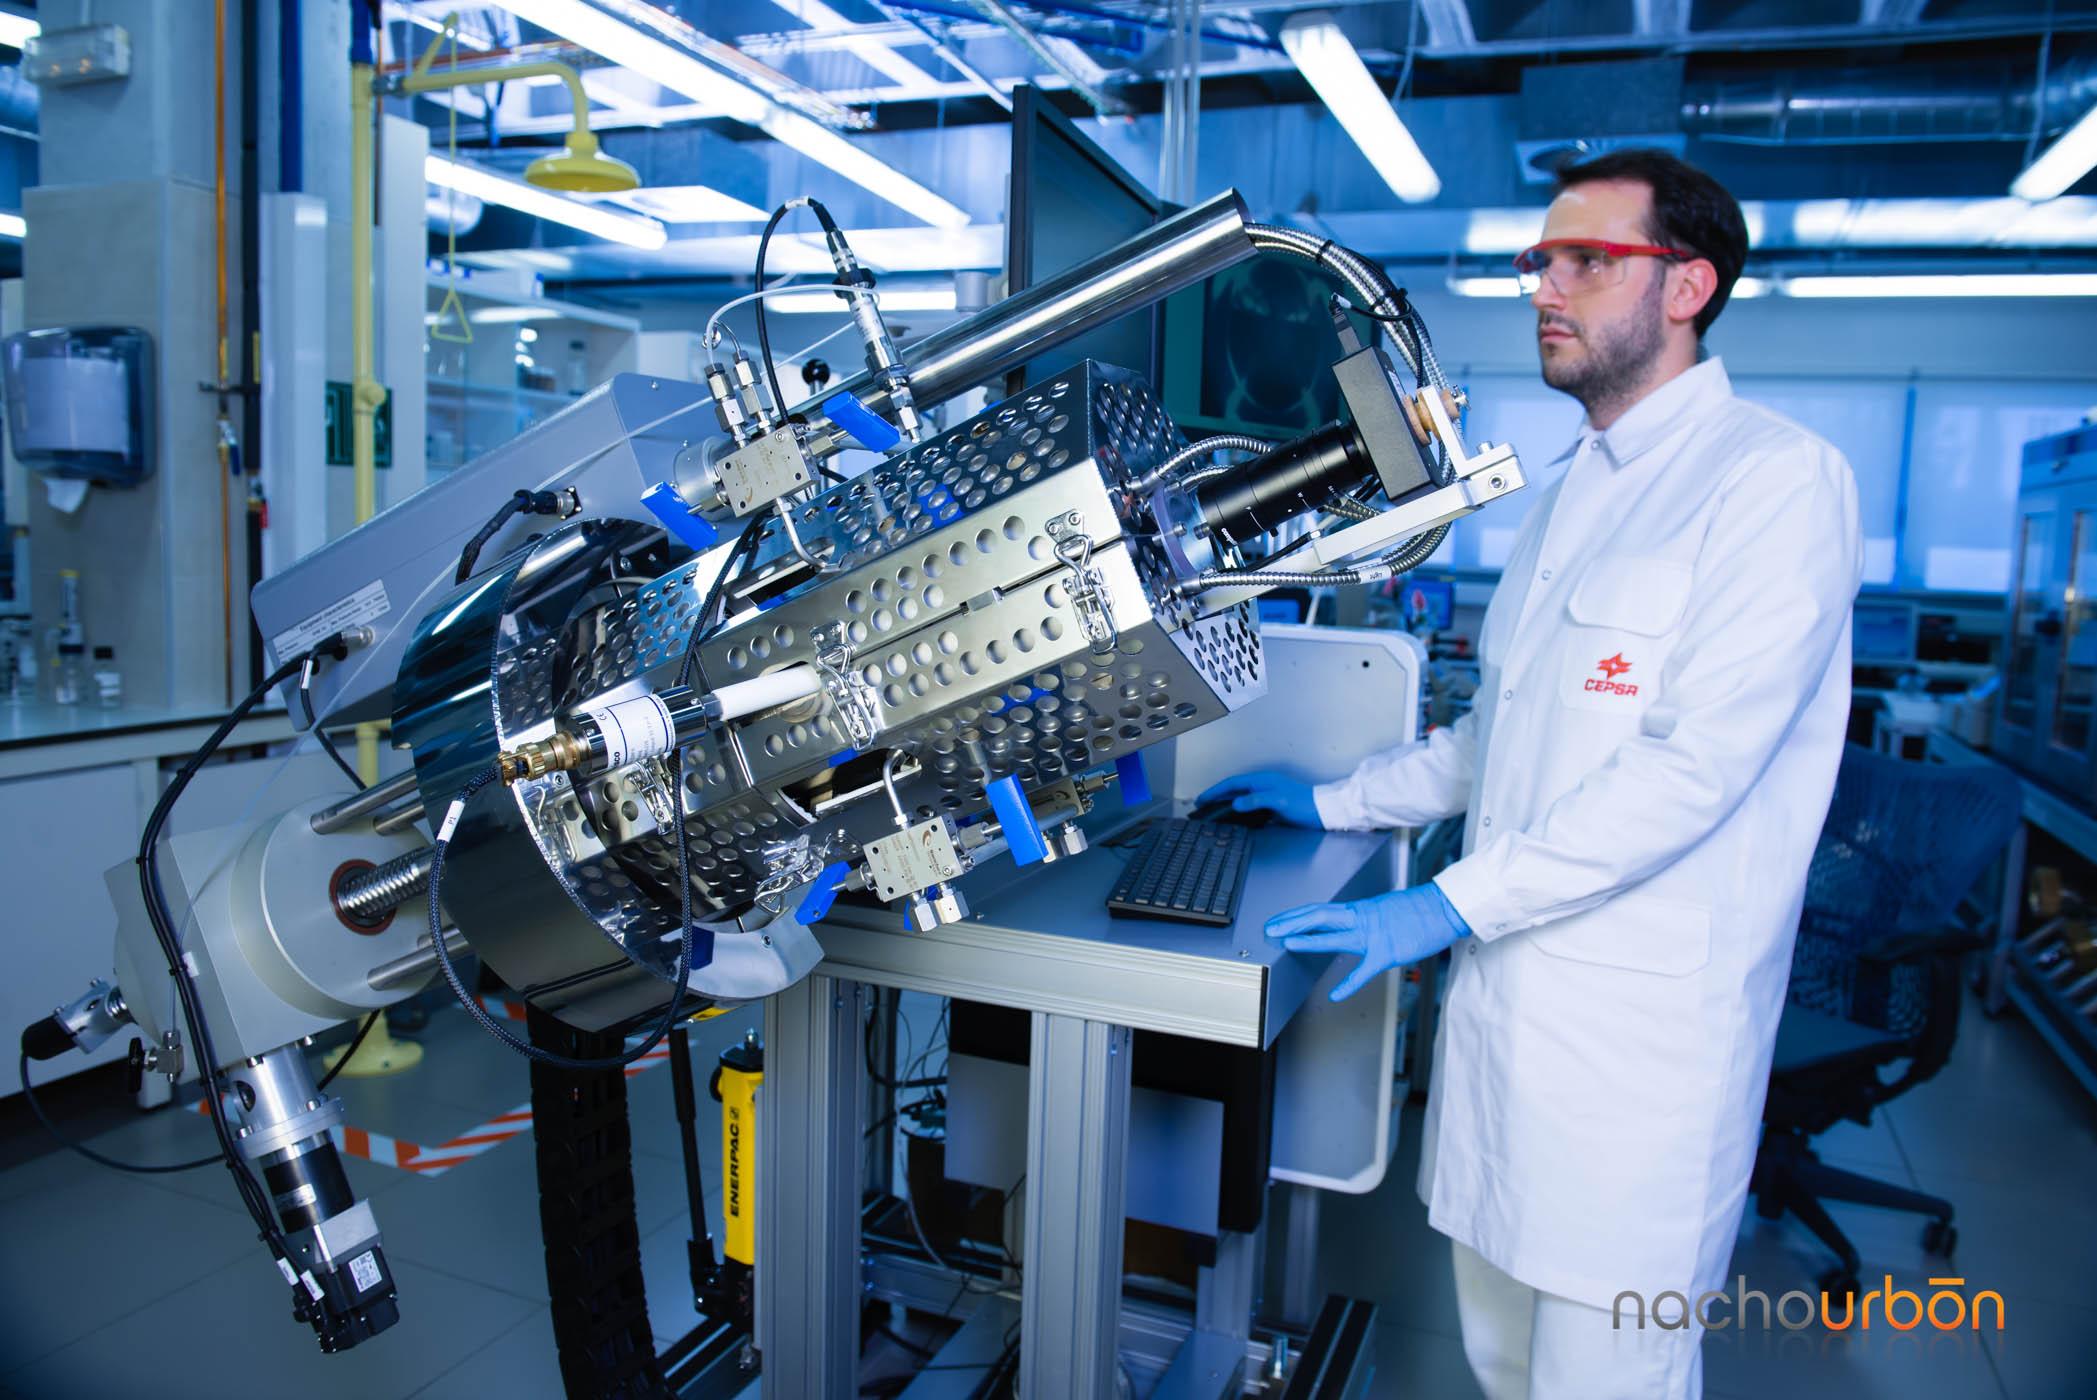 foto industrial Memoria corporativa Retrato profesional, fotógrafo,